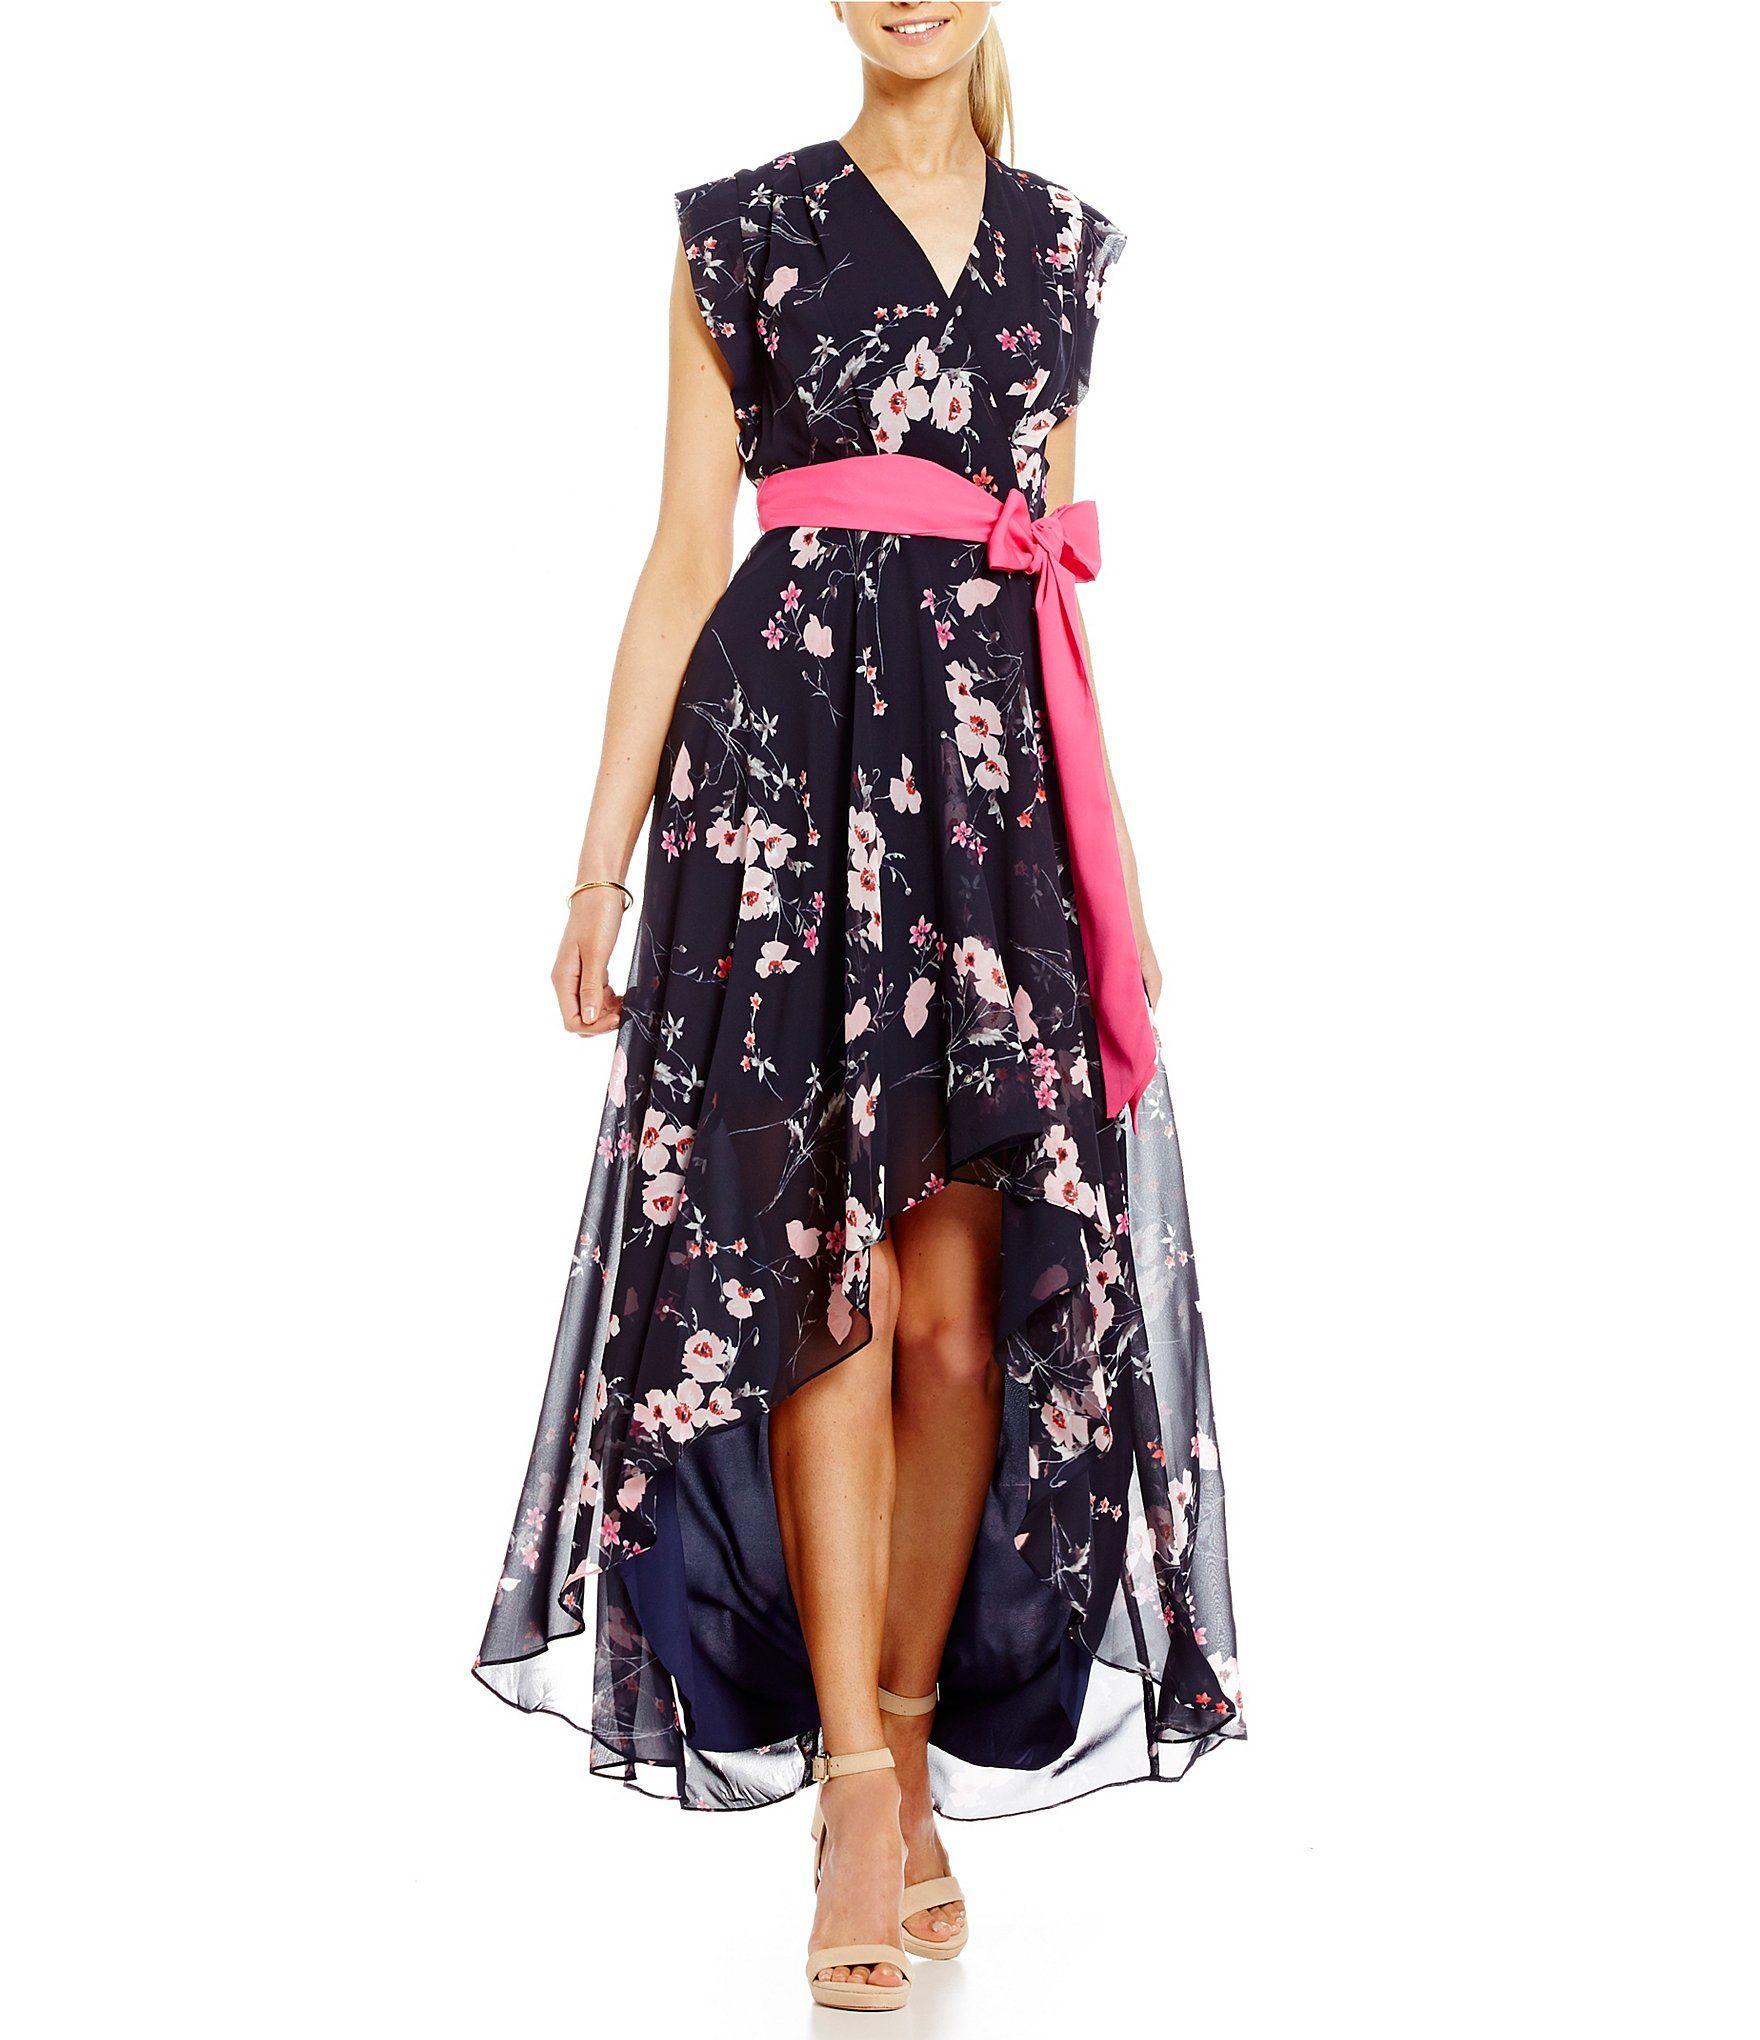 28137722f22 Eliza J Floral Printed Hi Lo Maxi Dress at Dillards.com. -OOS